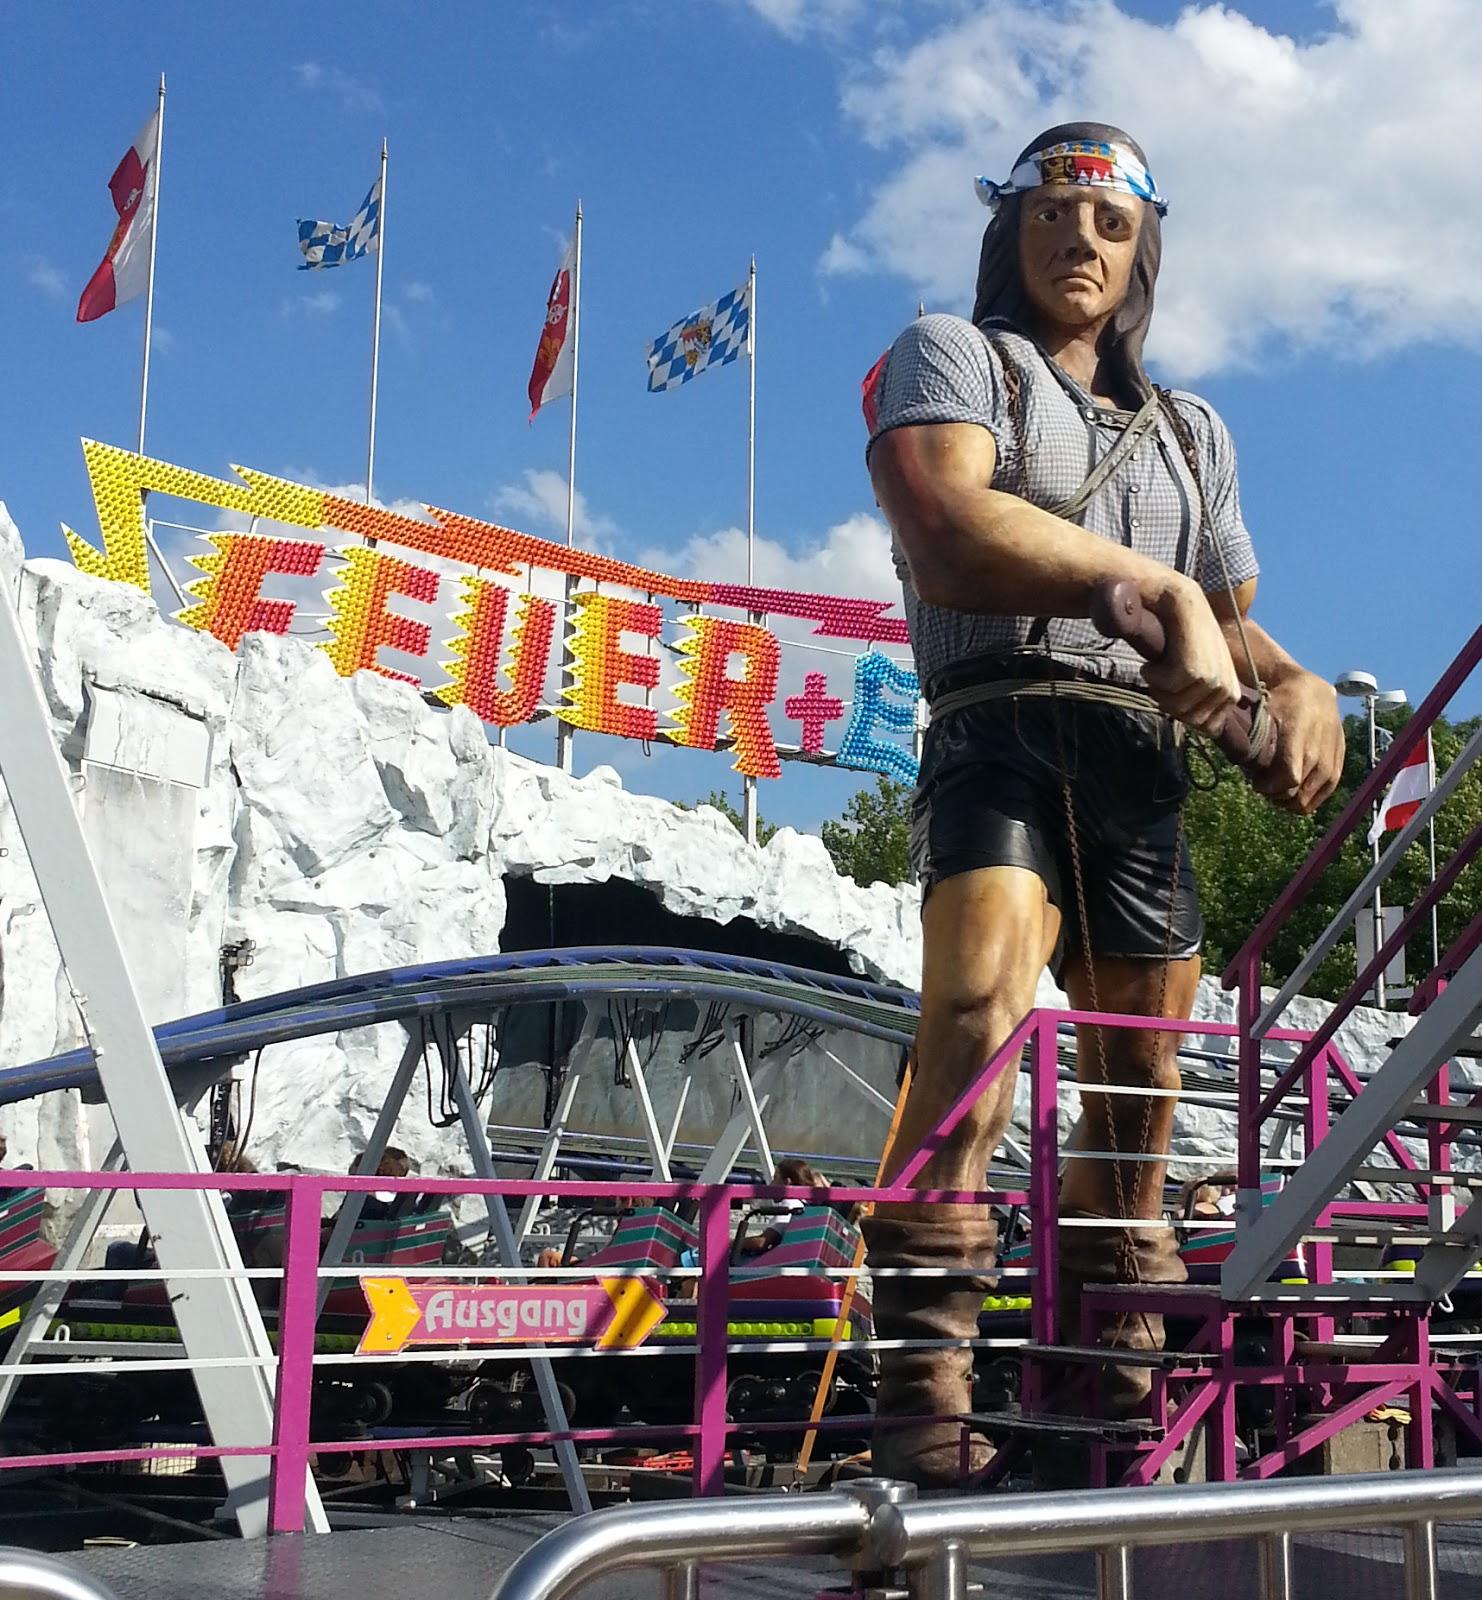 ... Zukunft entgegen!: Freising - Spannende Bm-Wahl und viele nette Leute